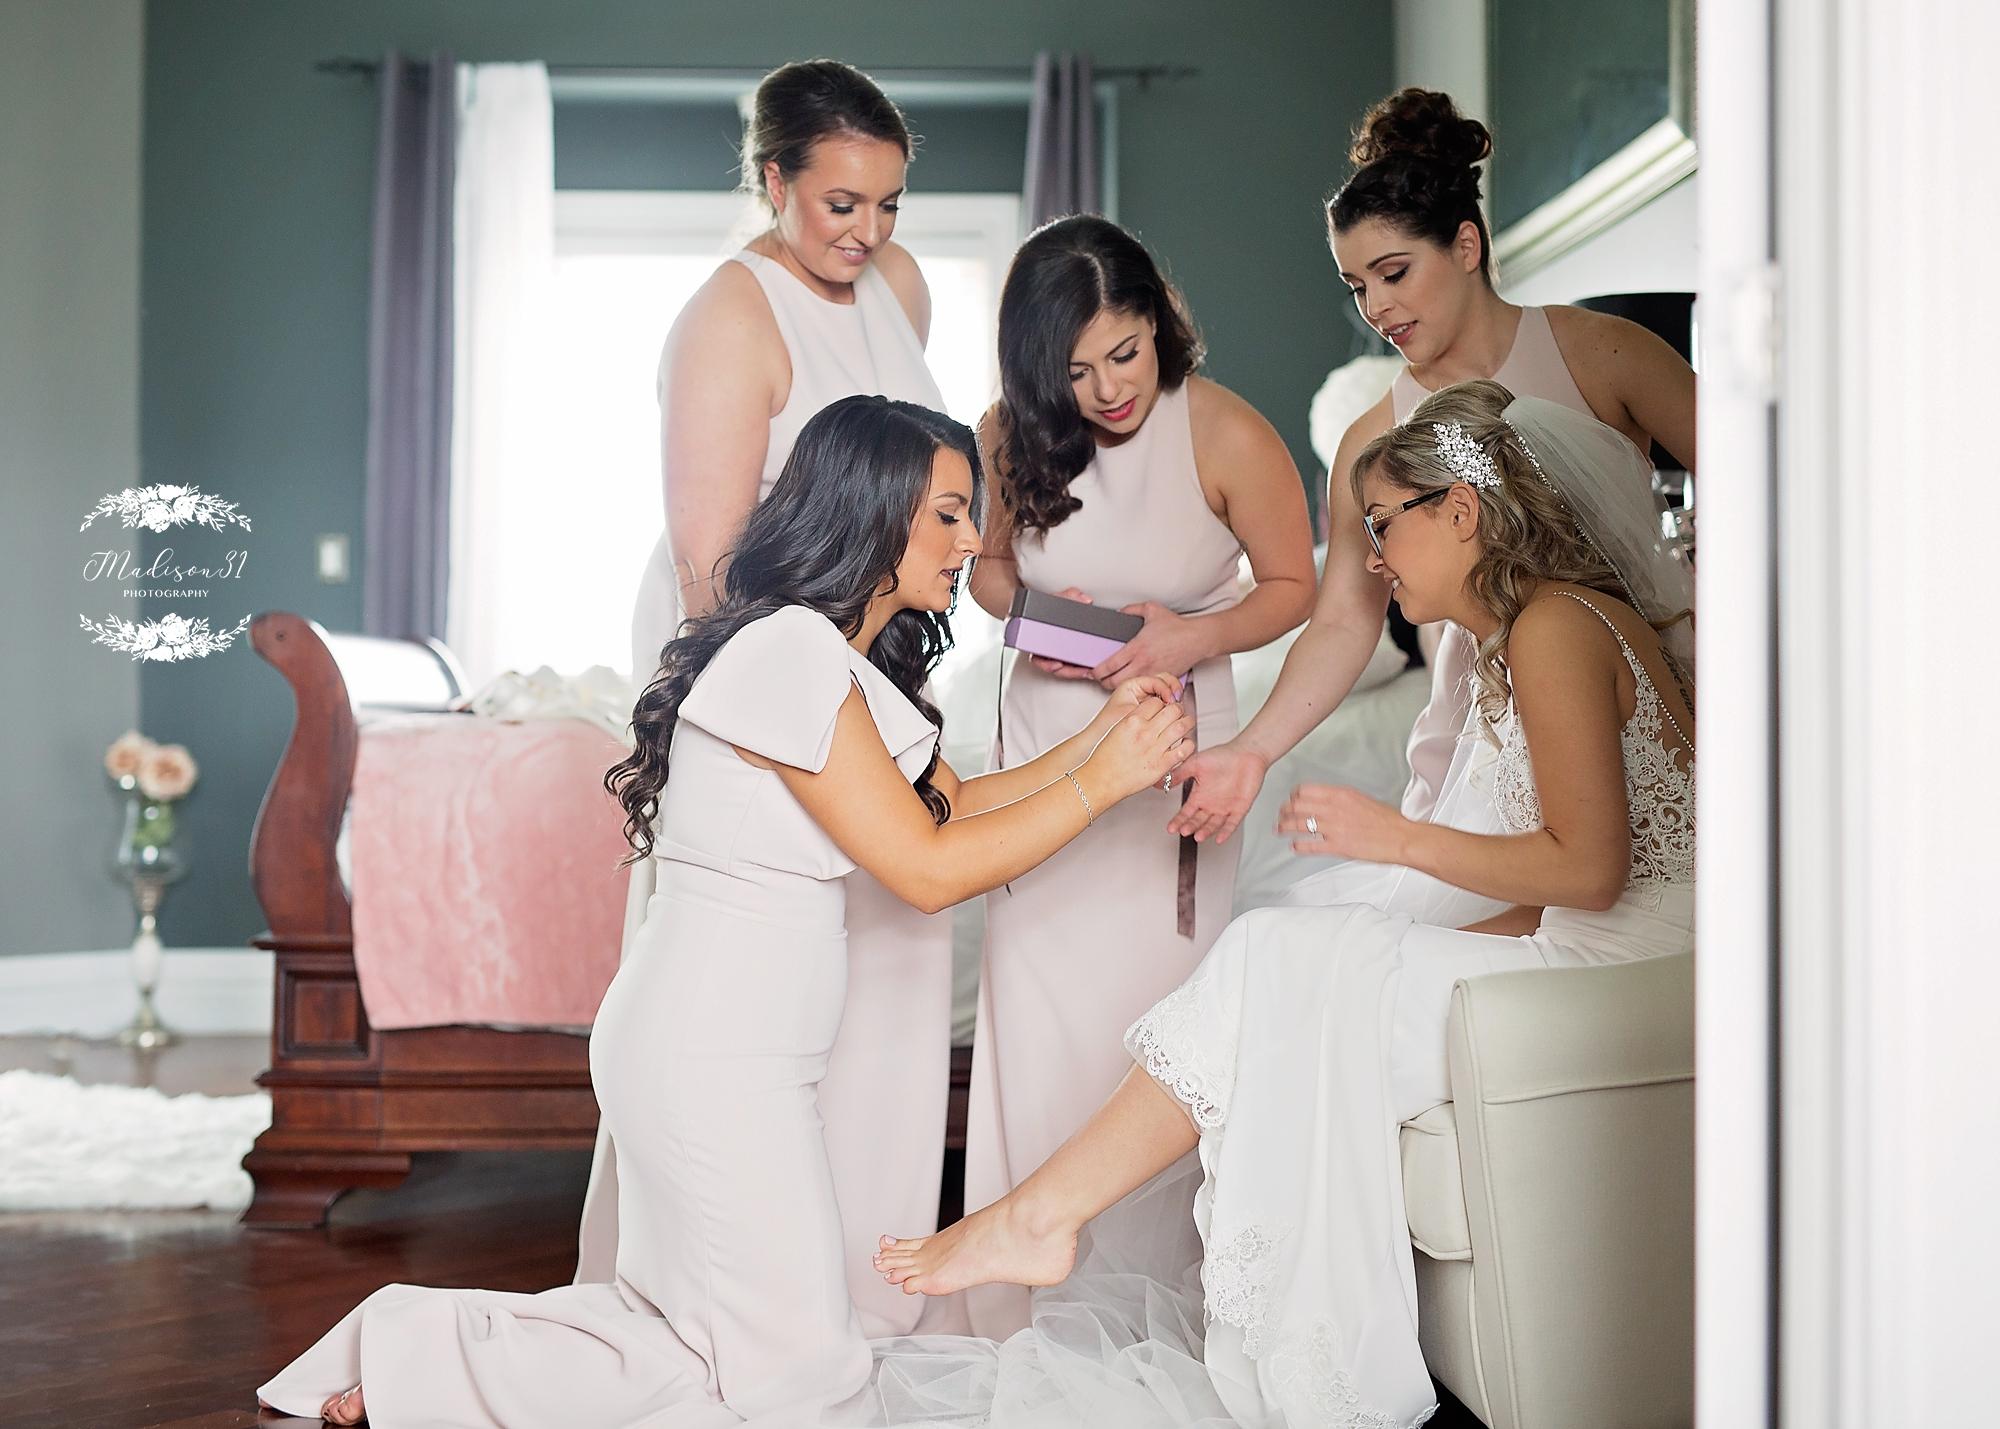 Getting Ready Bride_0583 copy.jpg